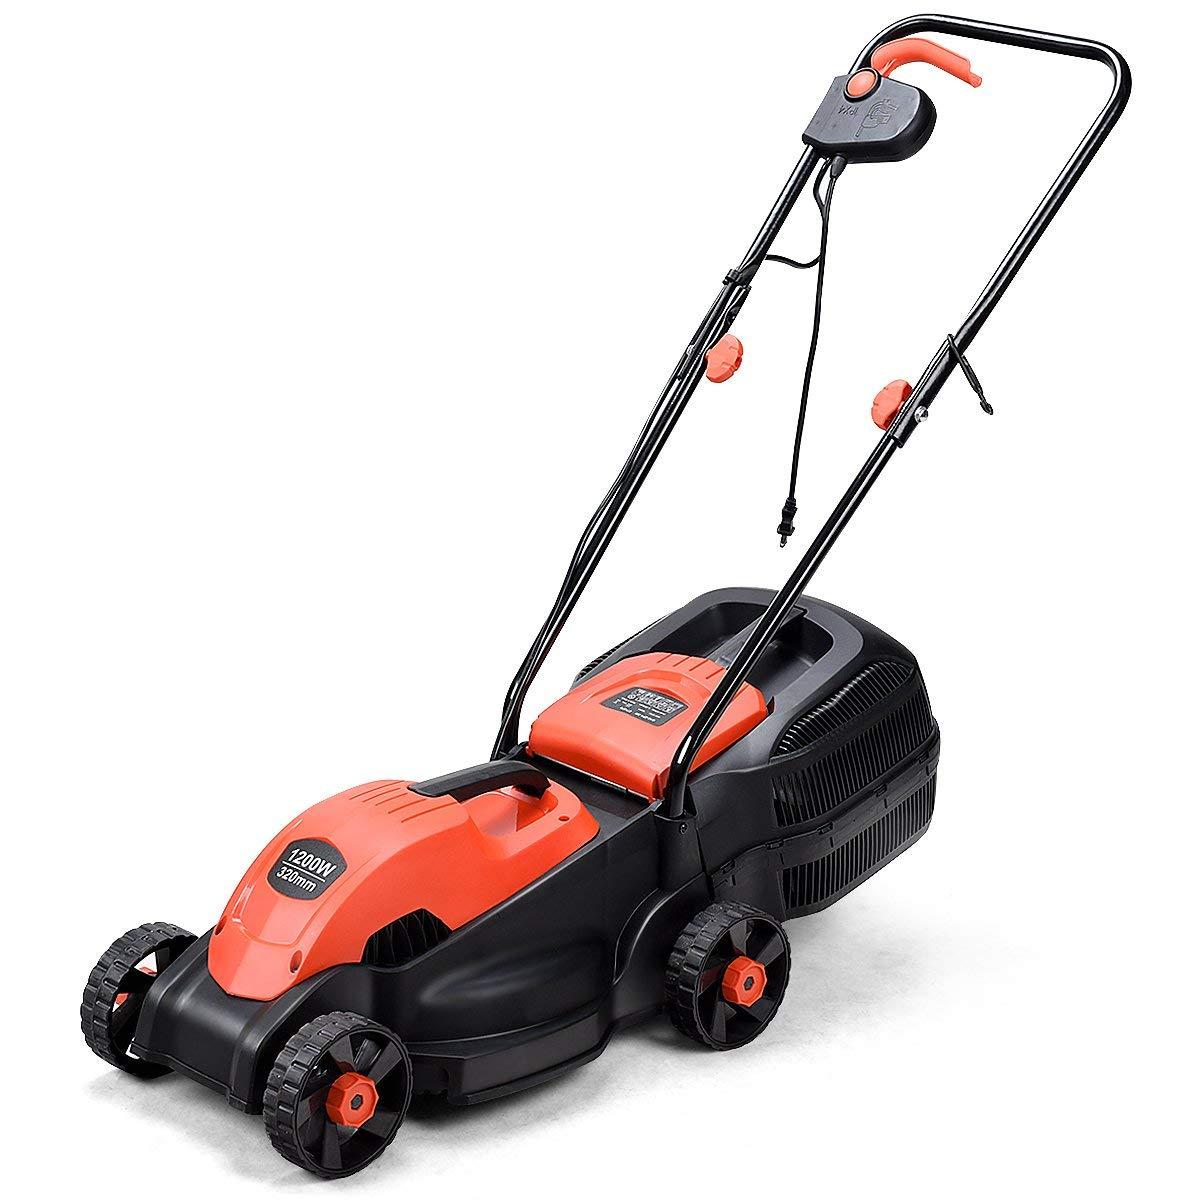 Buy New Carburetor Huskee LT4200 lawn mower w/ Briggs